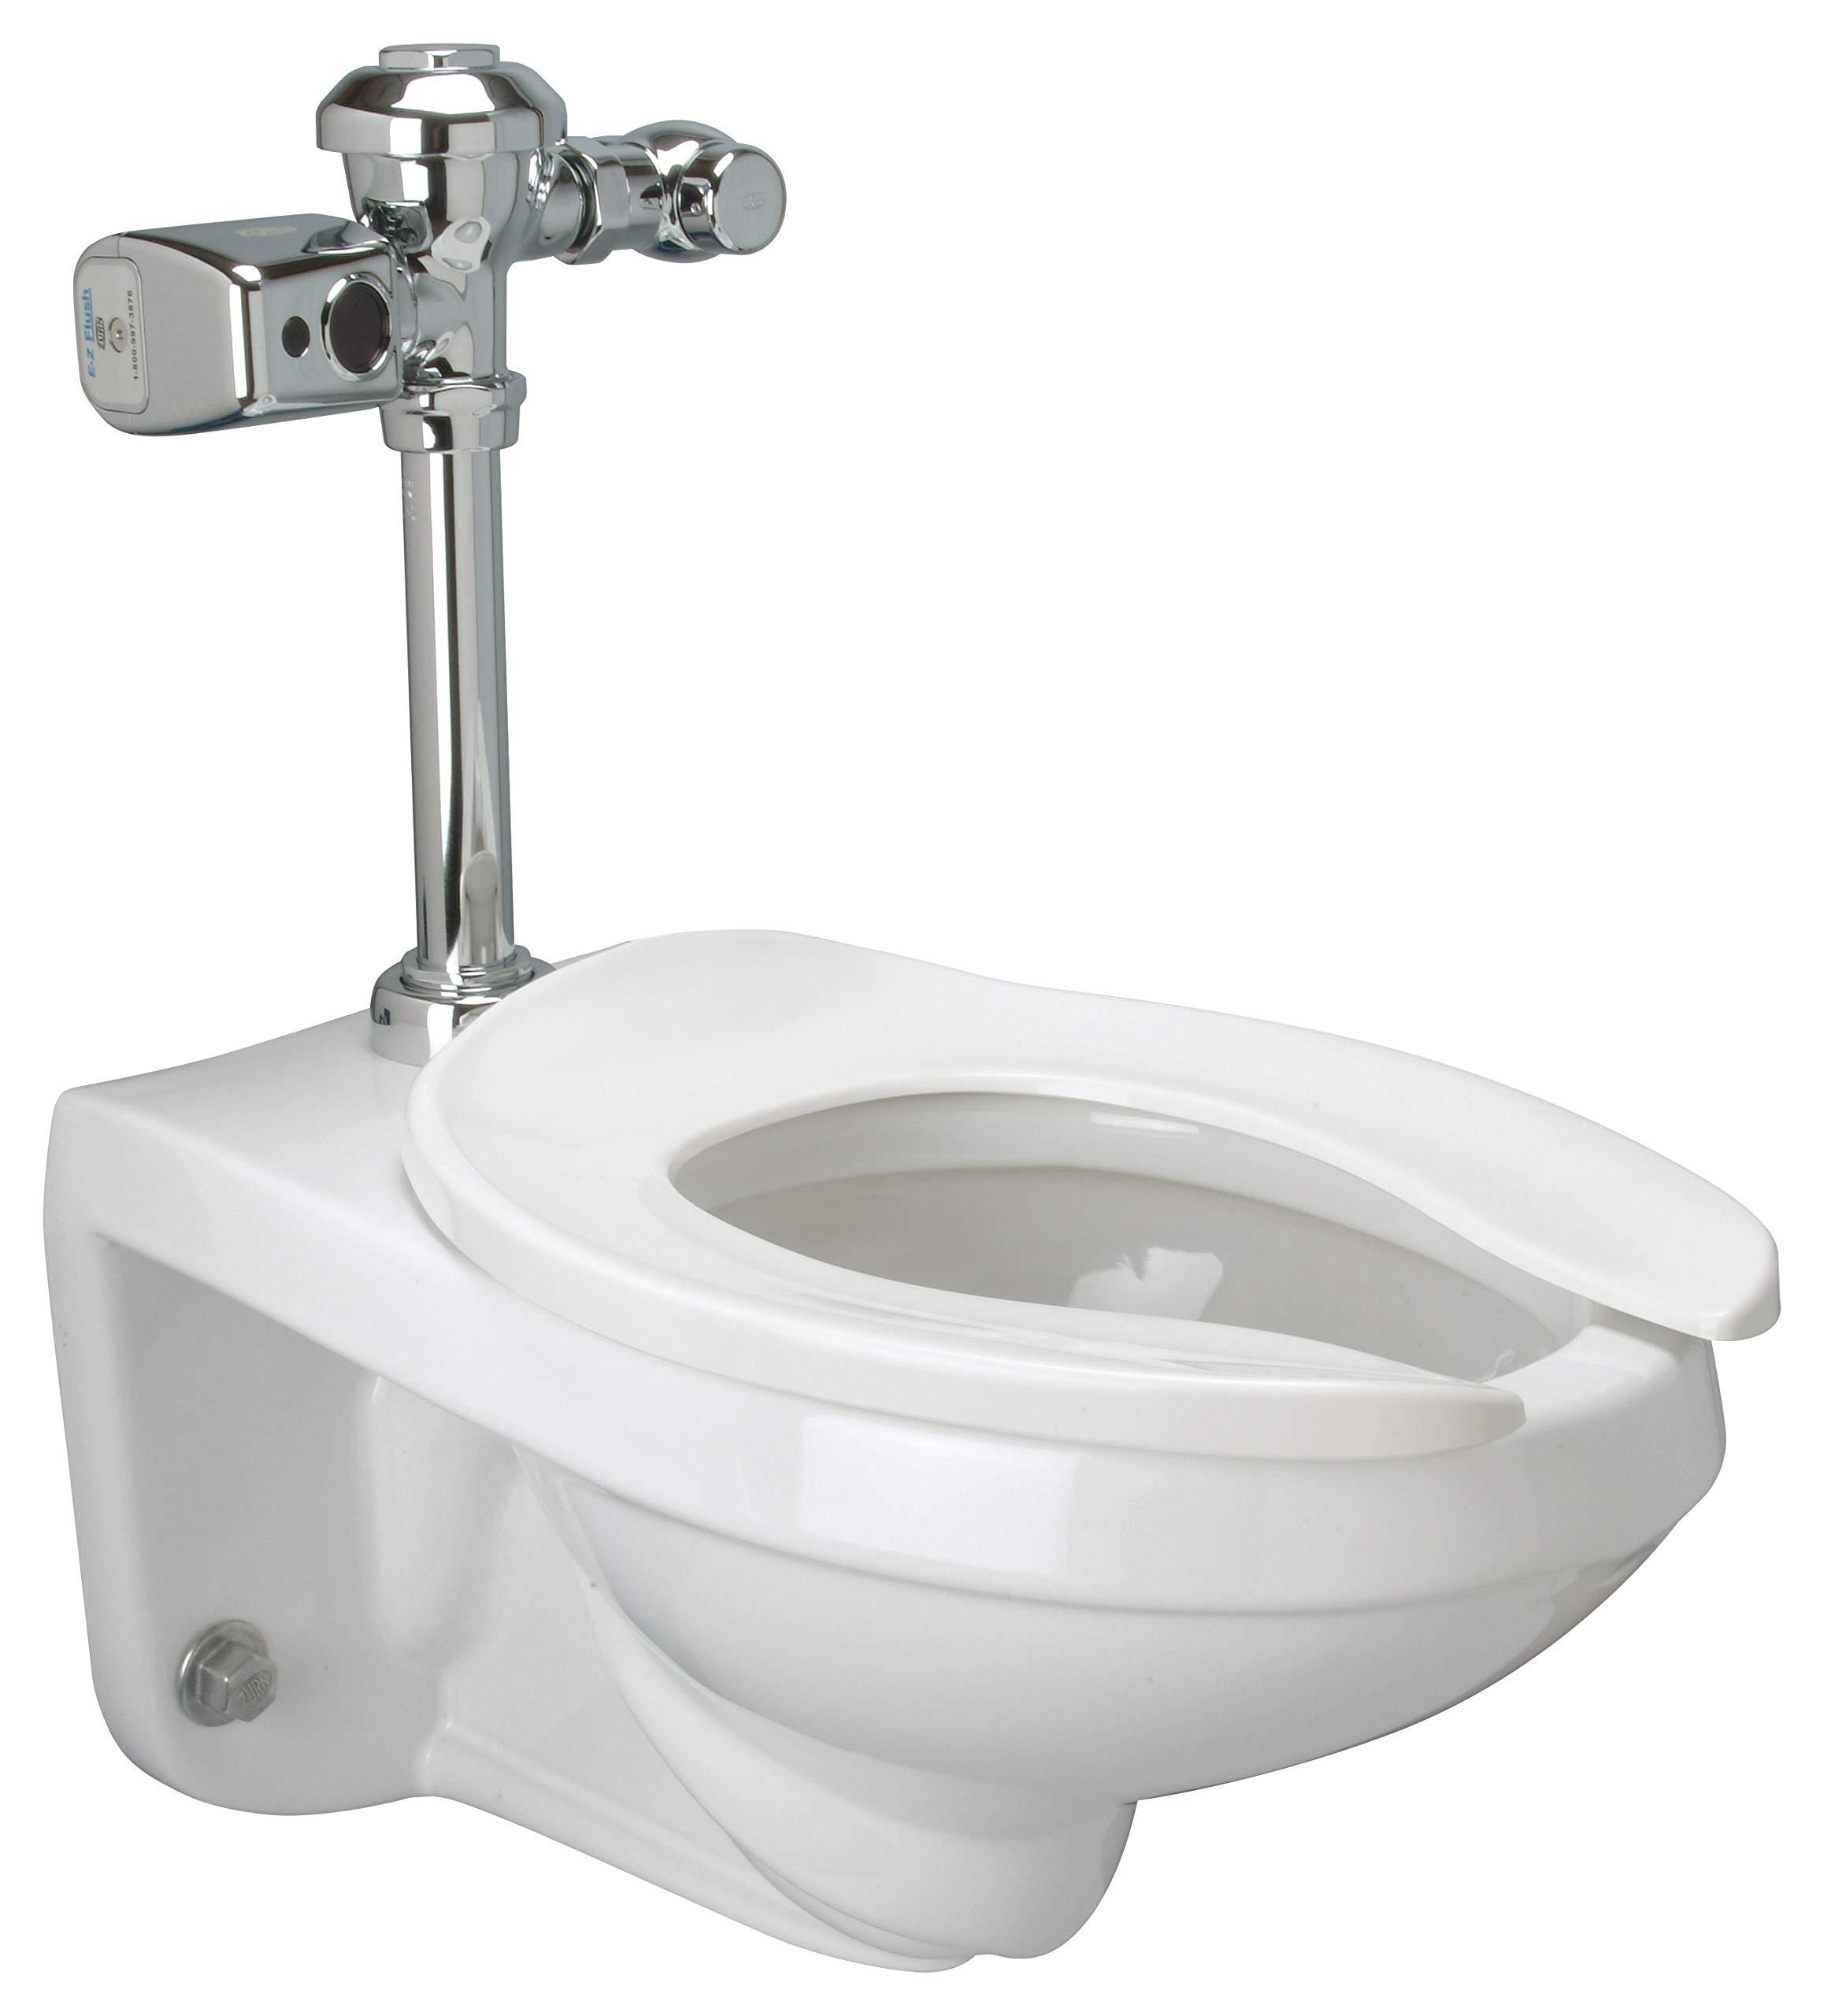 Zurn Z5615.270.01.00.00 Toilet White by Zurn